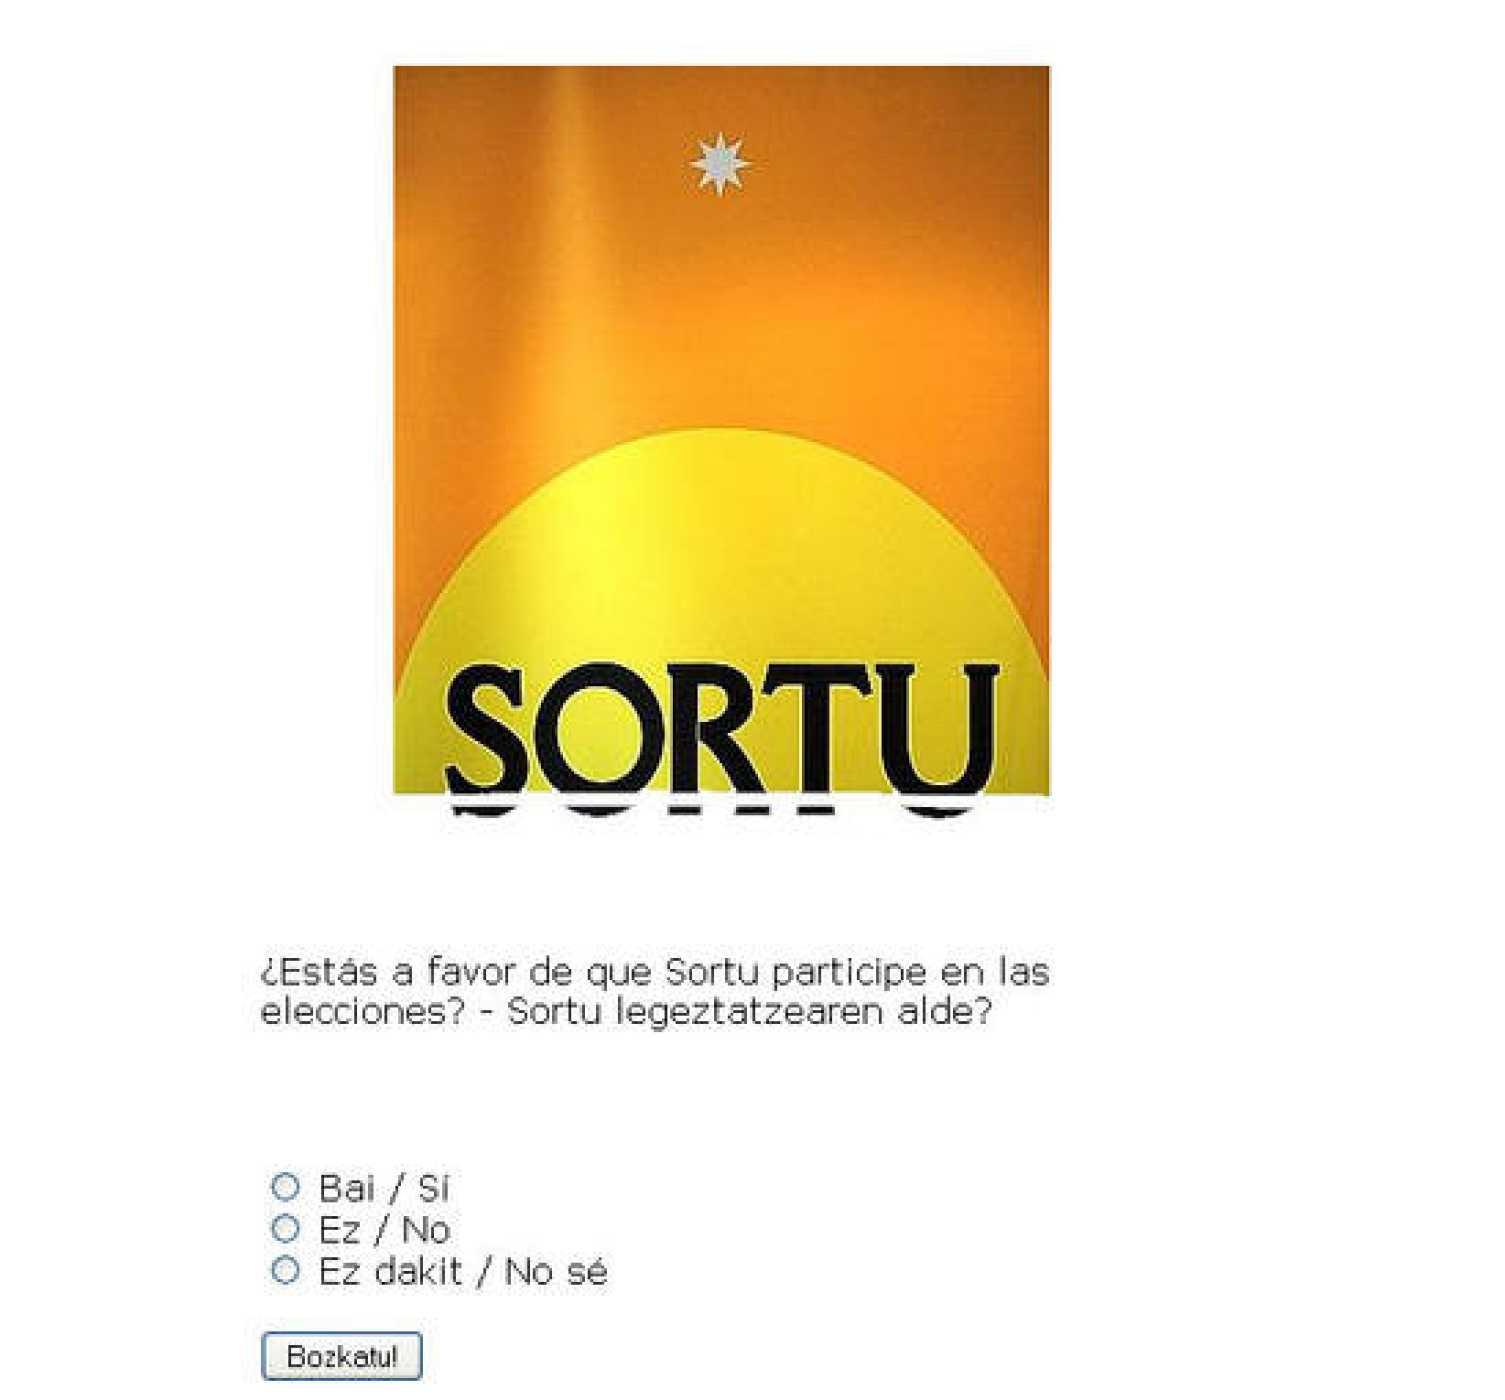 La básica web de Sortu: logo, encuesta y enlaces a noticias y vídeos de Gara